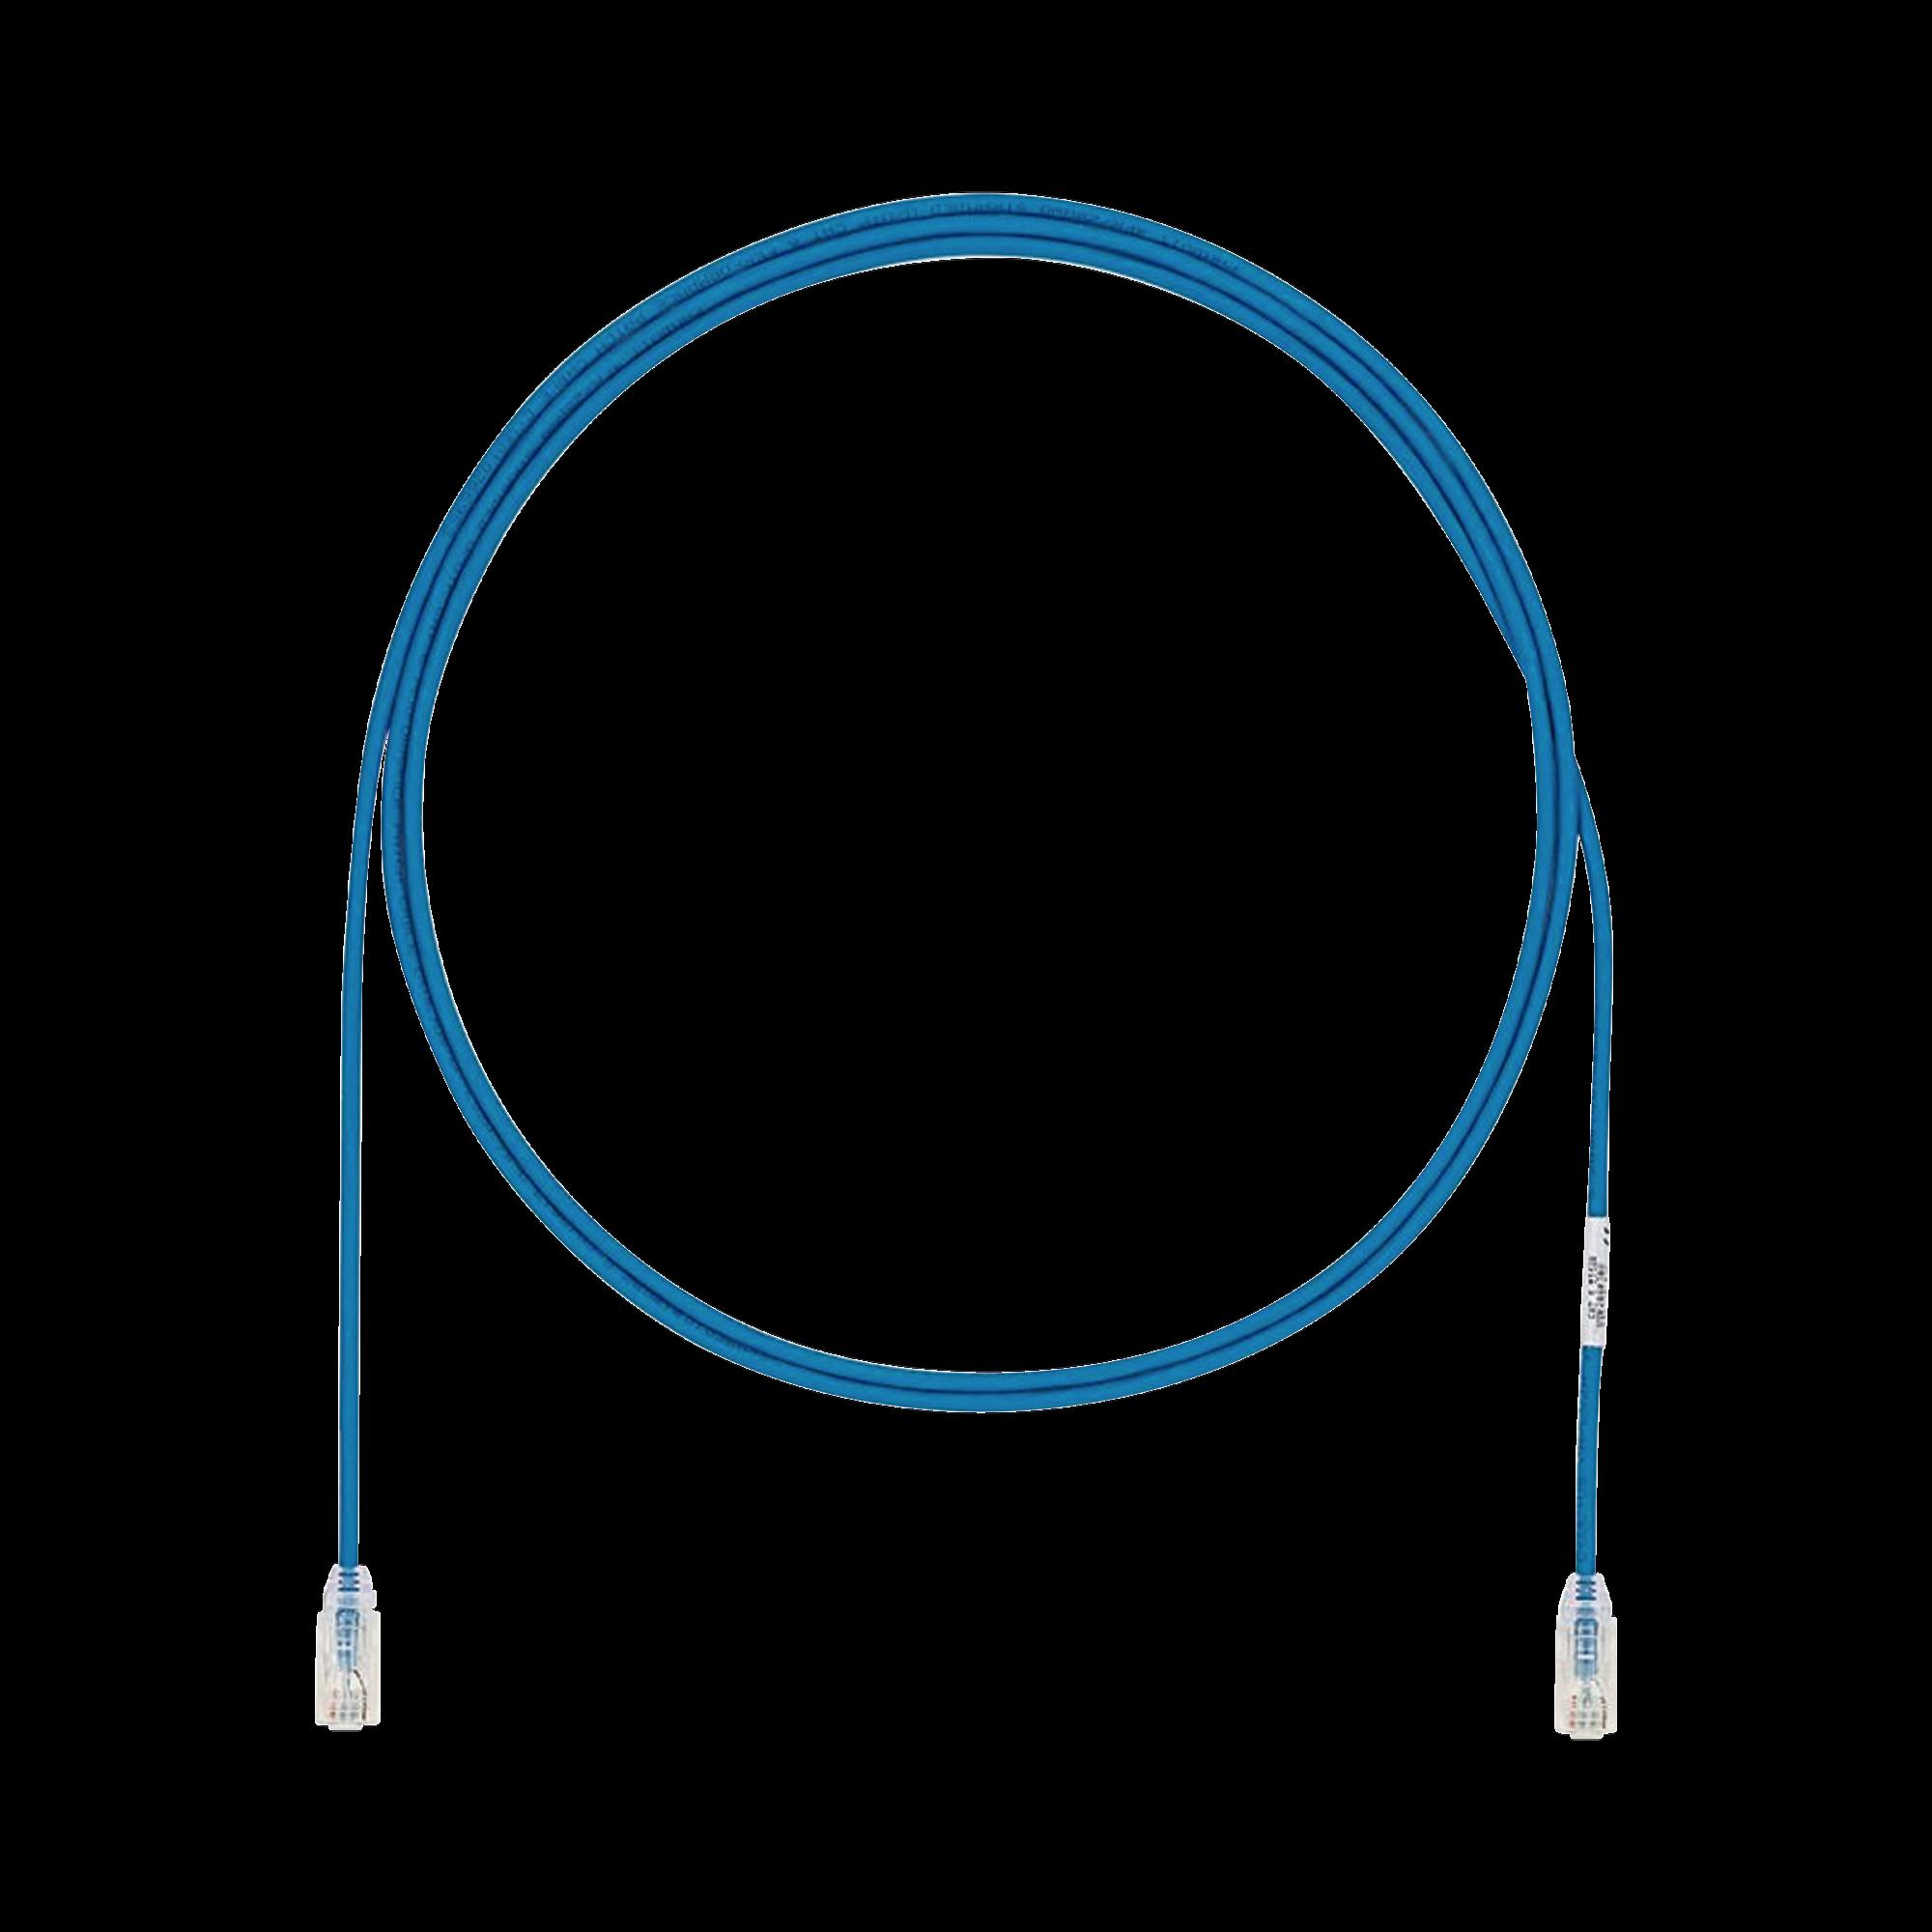 Cable de Parcheo UTP Cat6A, CM/LSZH, Diámetro Reducido (28AWG), Color Azul, 5ft